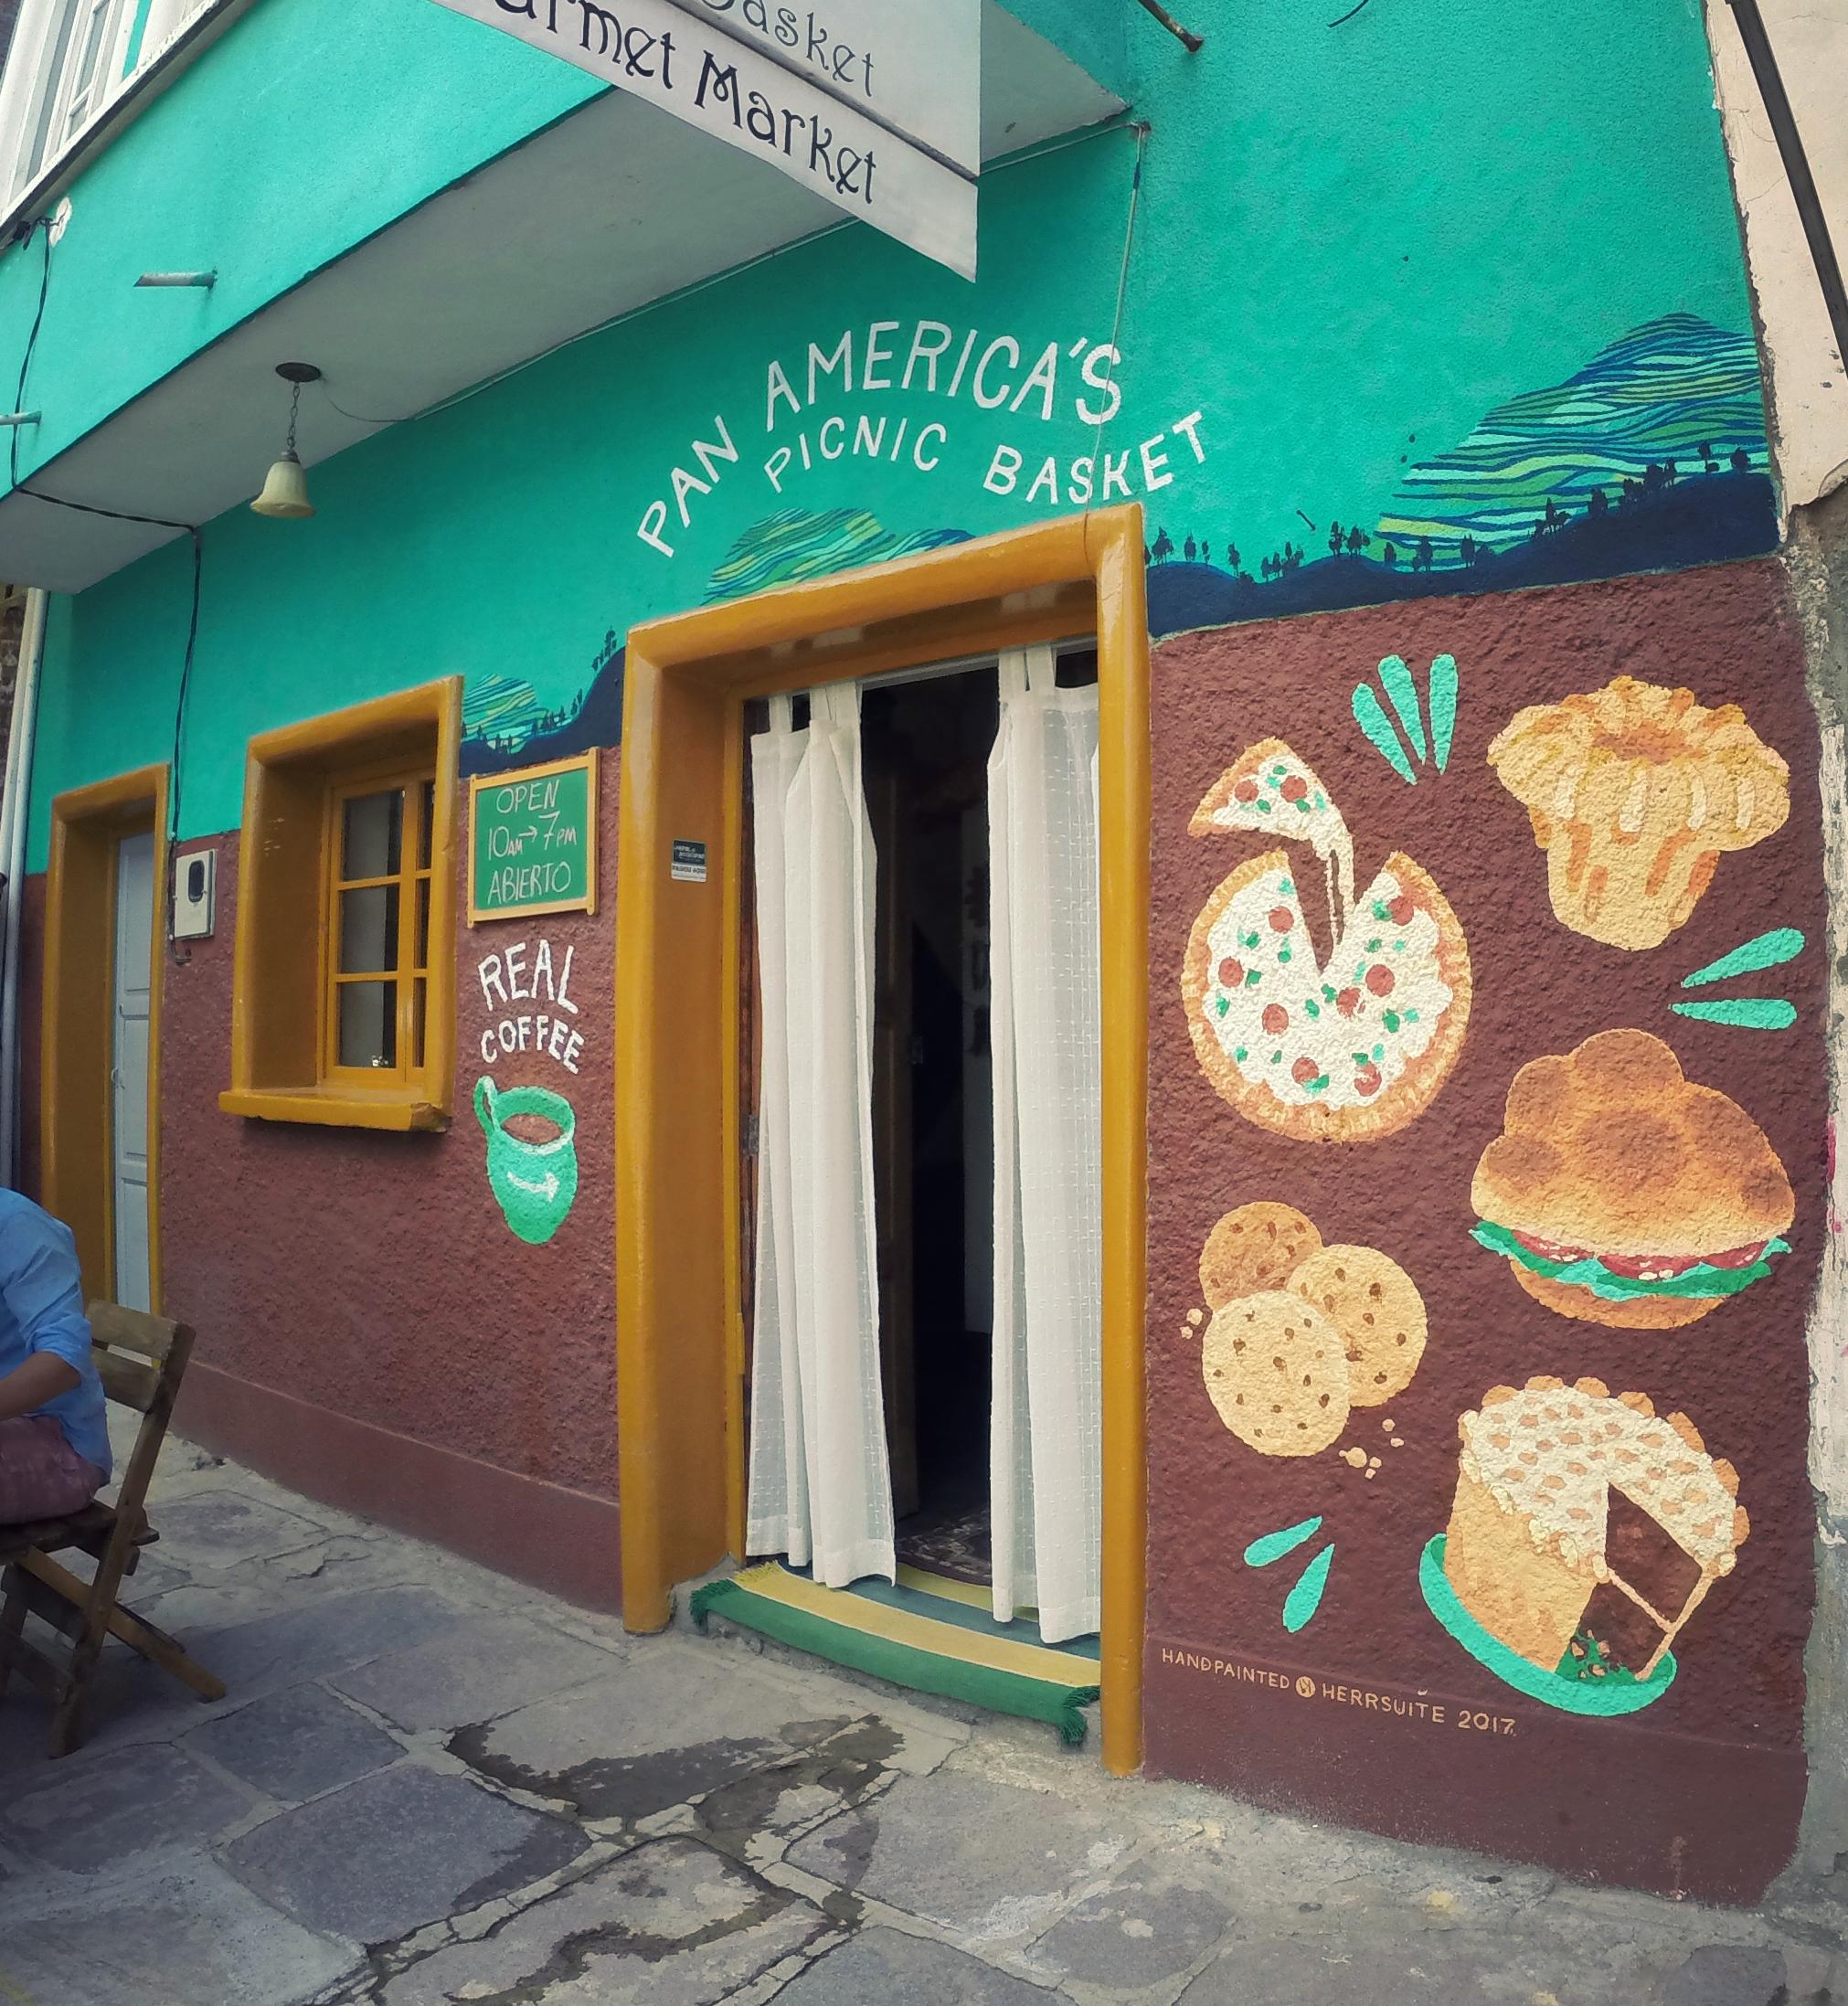 Panamerica's Picnic Basket